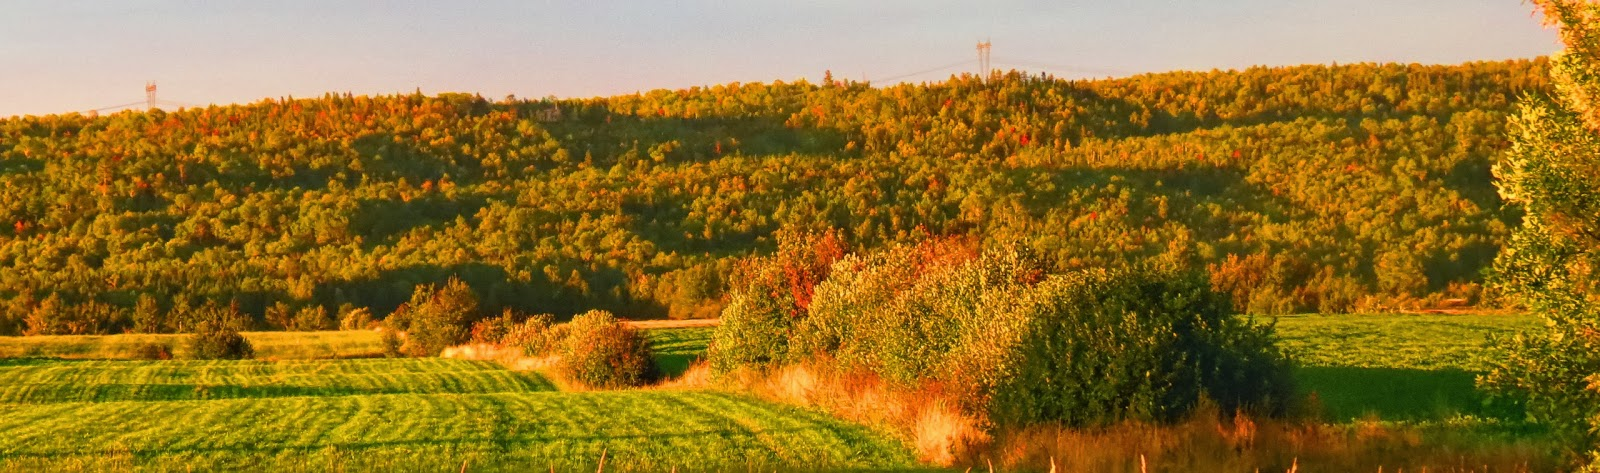 Métabetchouan à l'automne